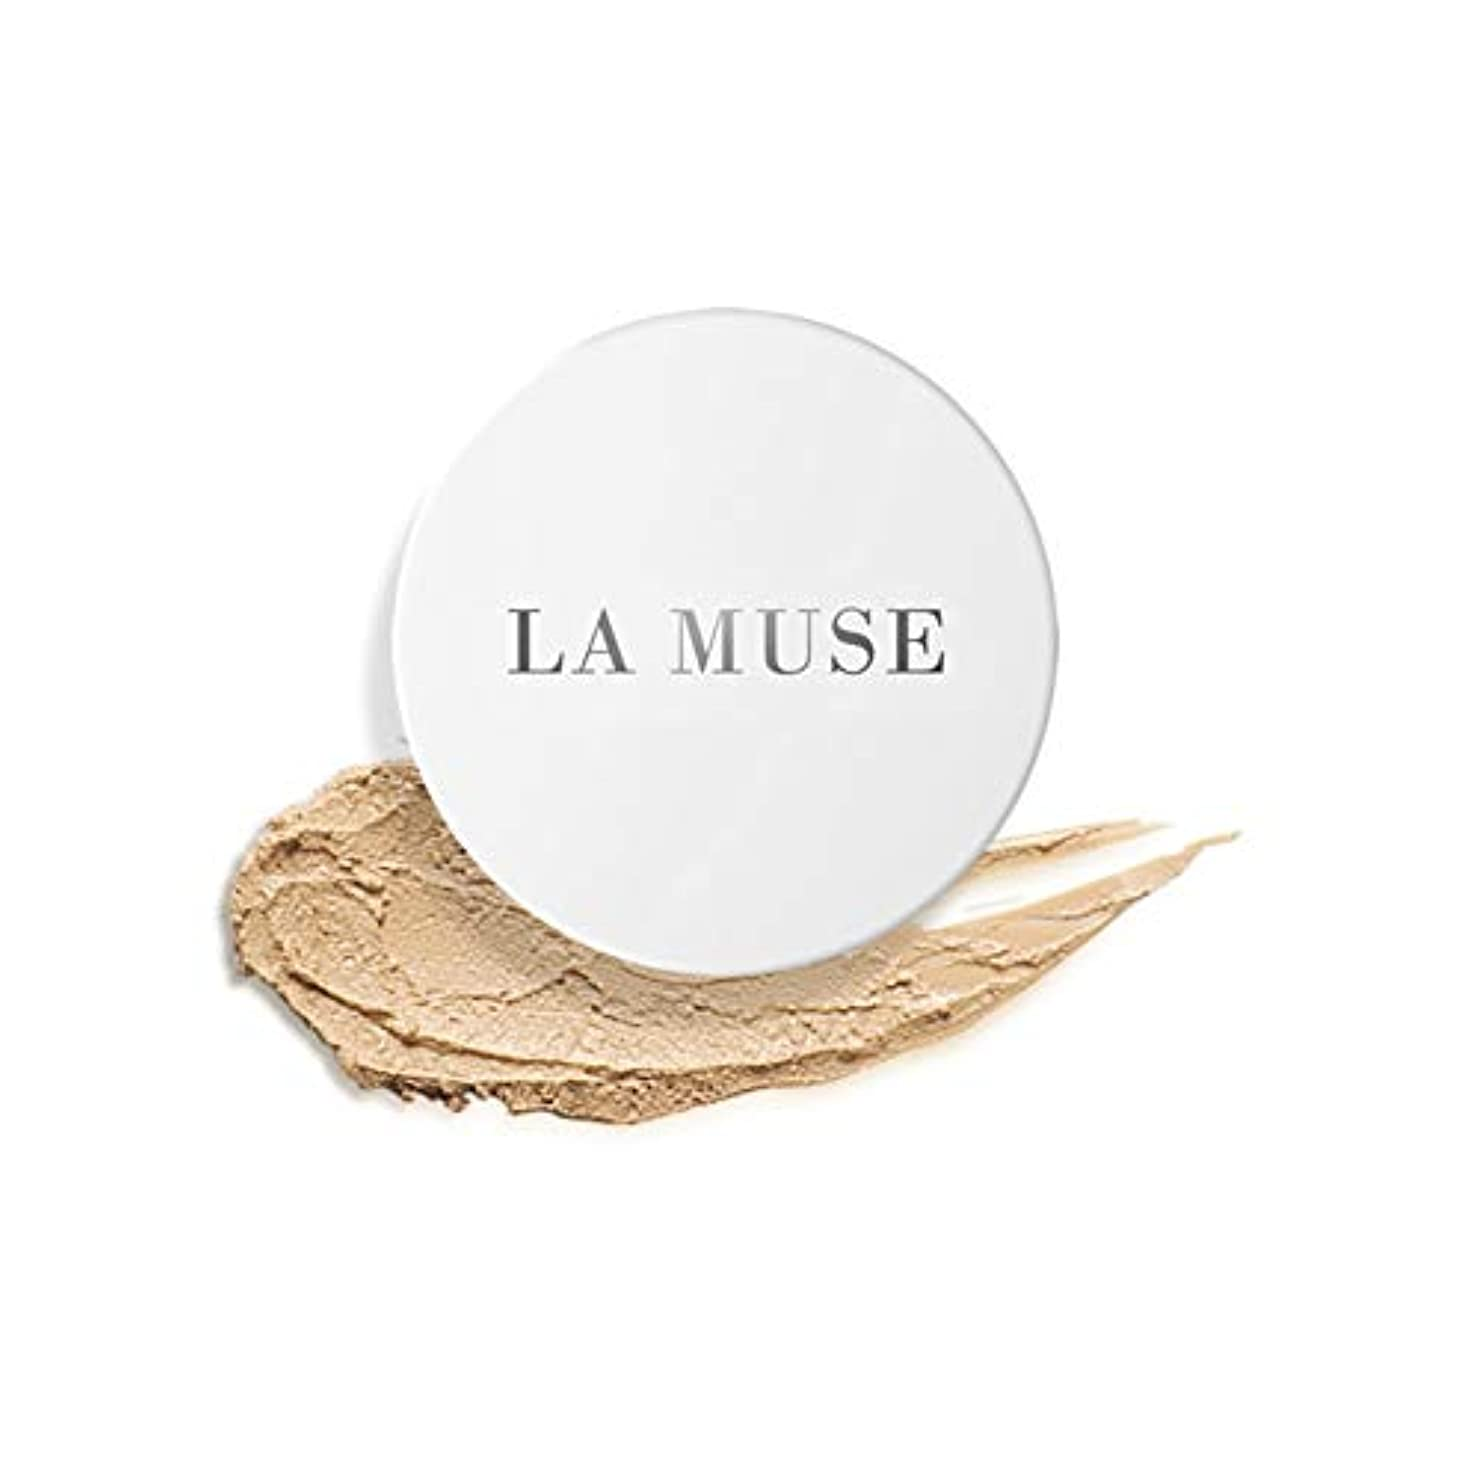 リブ若さメーター[ギフト付き] La Muse ラミューズ コンプレッション エッセンス パクト SPF50+/ PA +++ 17g / Compression Essence Pact SPF50+ PA+++ 17g / Foundation...